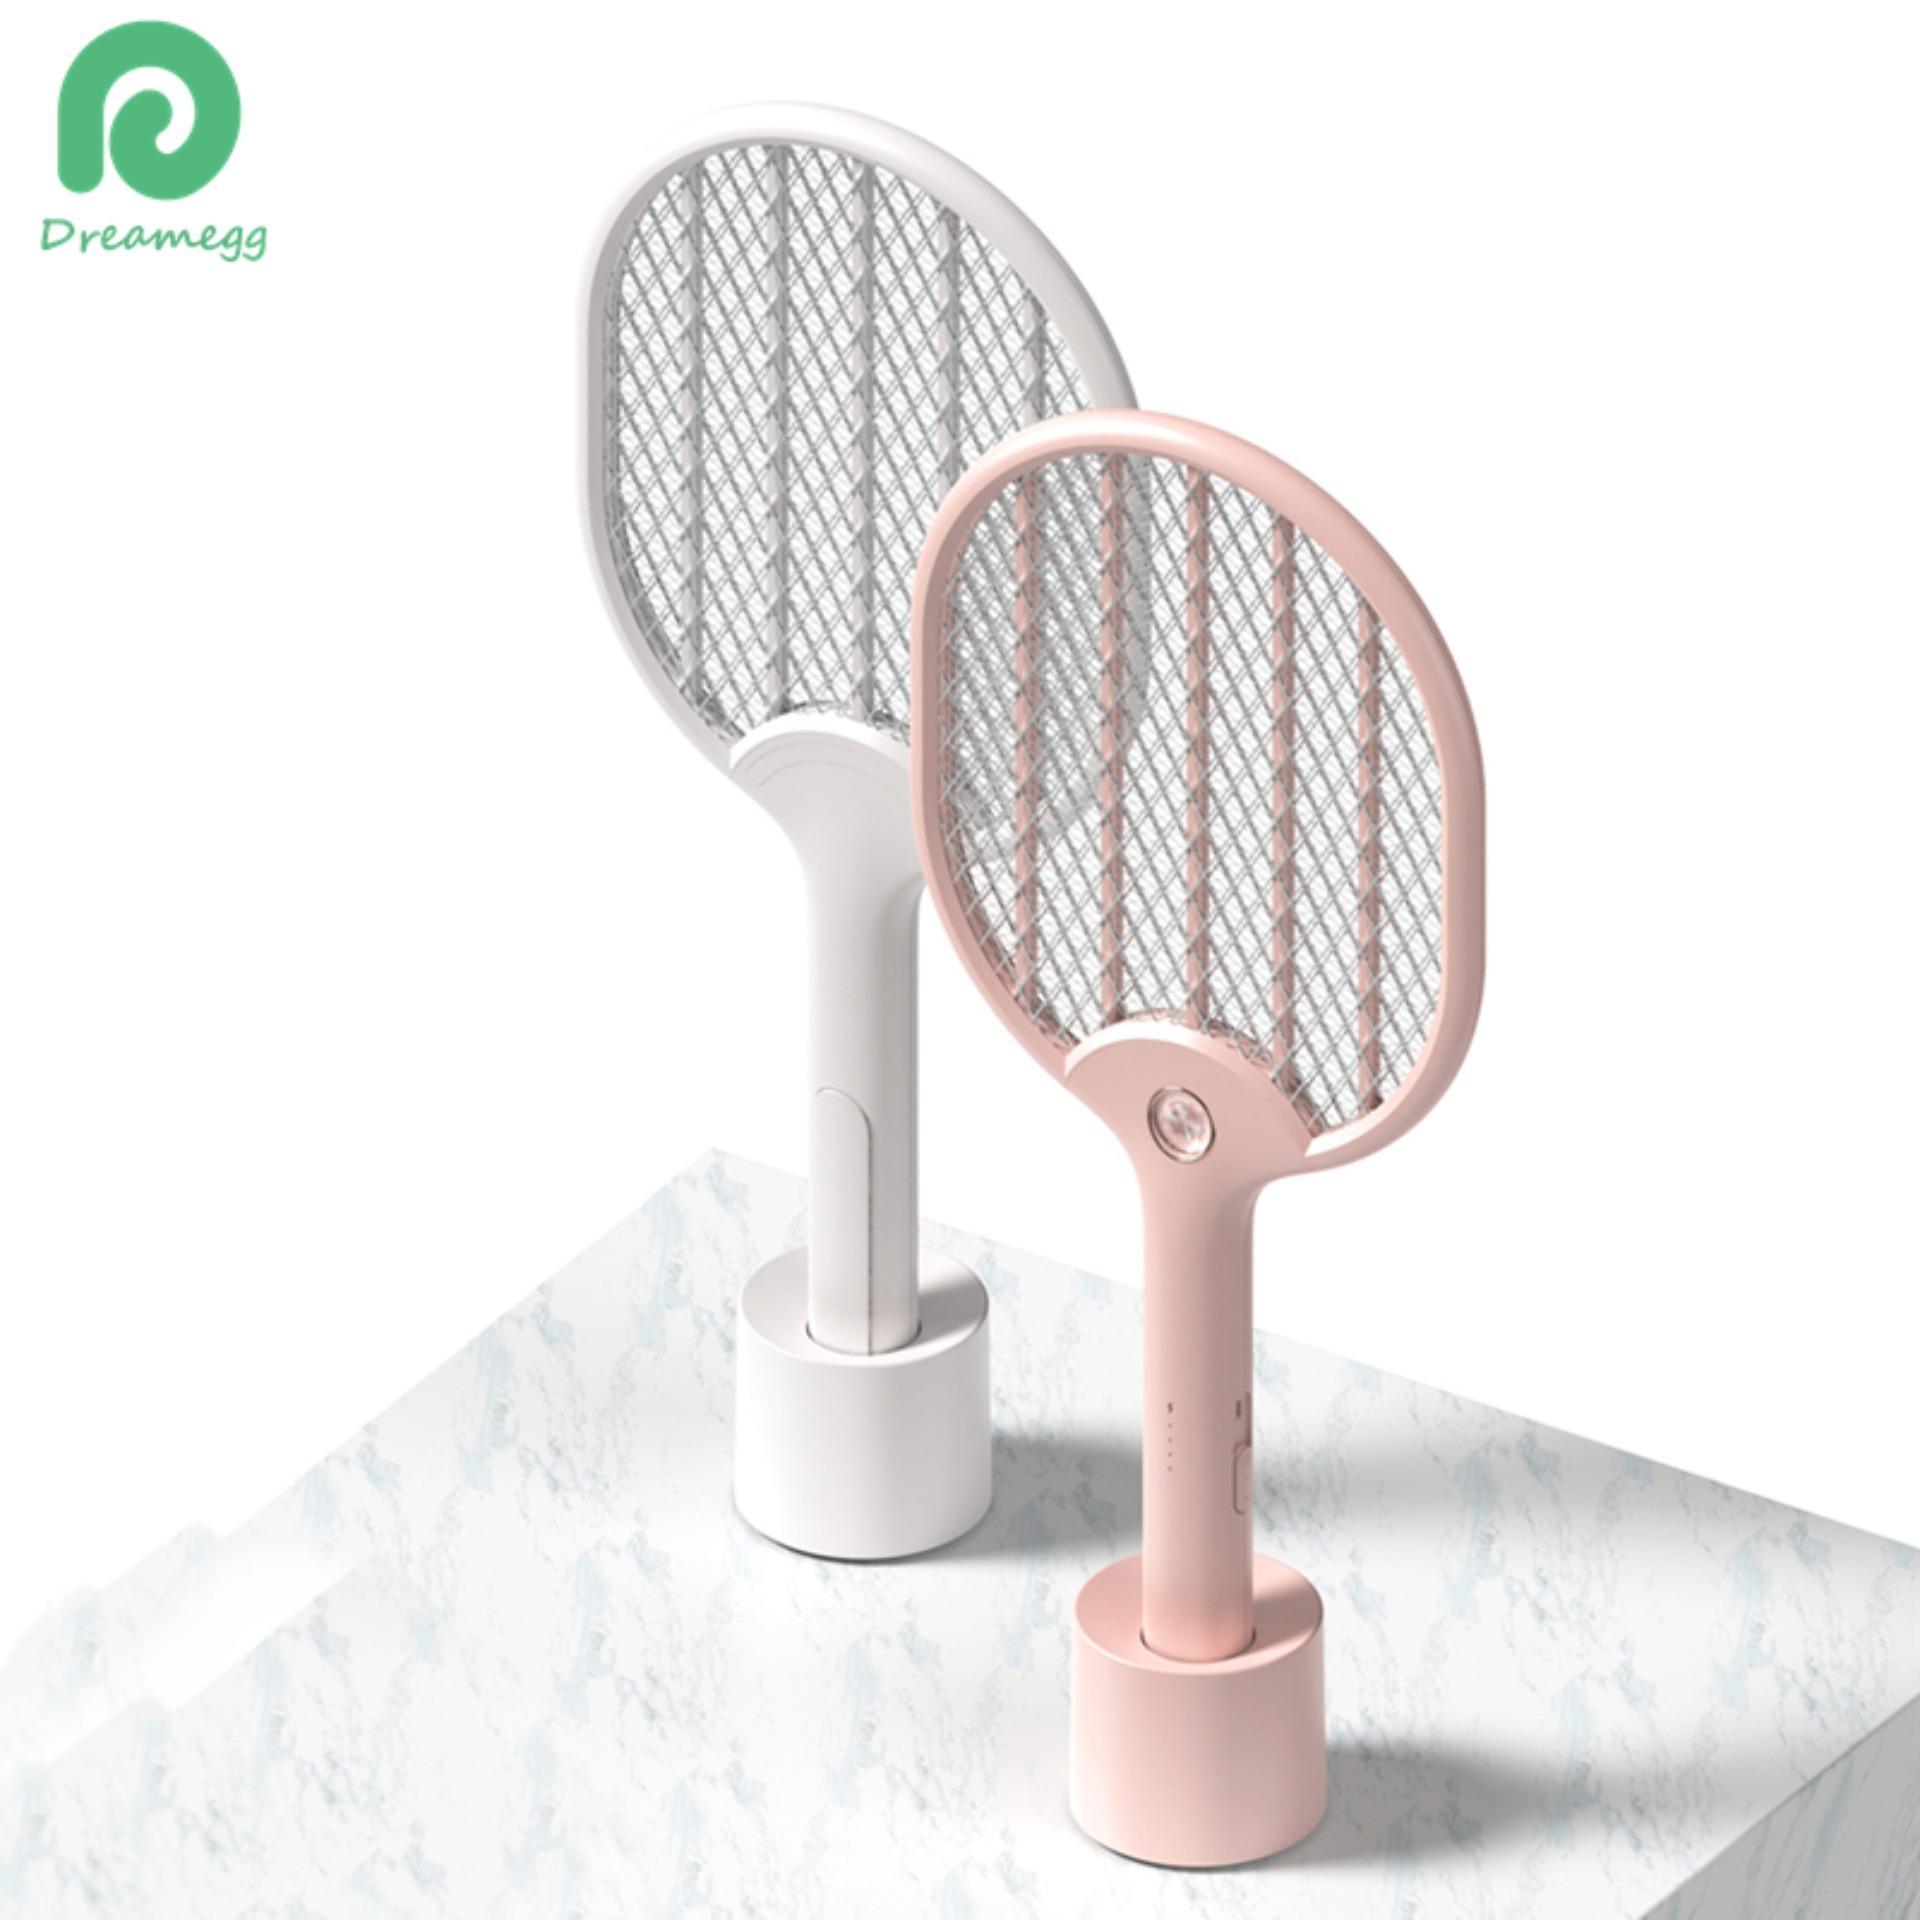 Đèn điện xông Swatter Sạc Bay Swatter Zapper có ĐÈN LED 3 Lớp An Toàn Lưới Chống Muỗi Swatter Trong Nhà Ngoài Trời Micro dây cáp USB Sạc Có Chân Đế